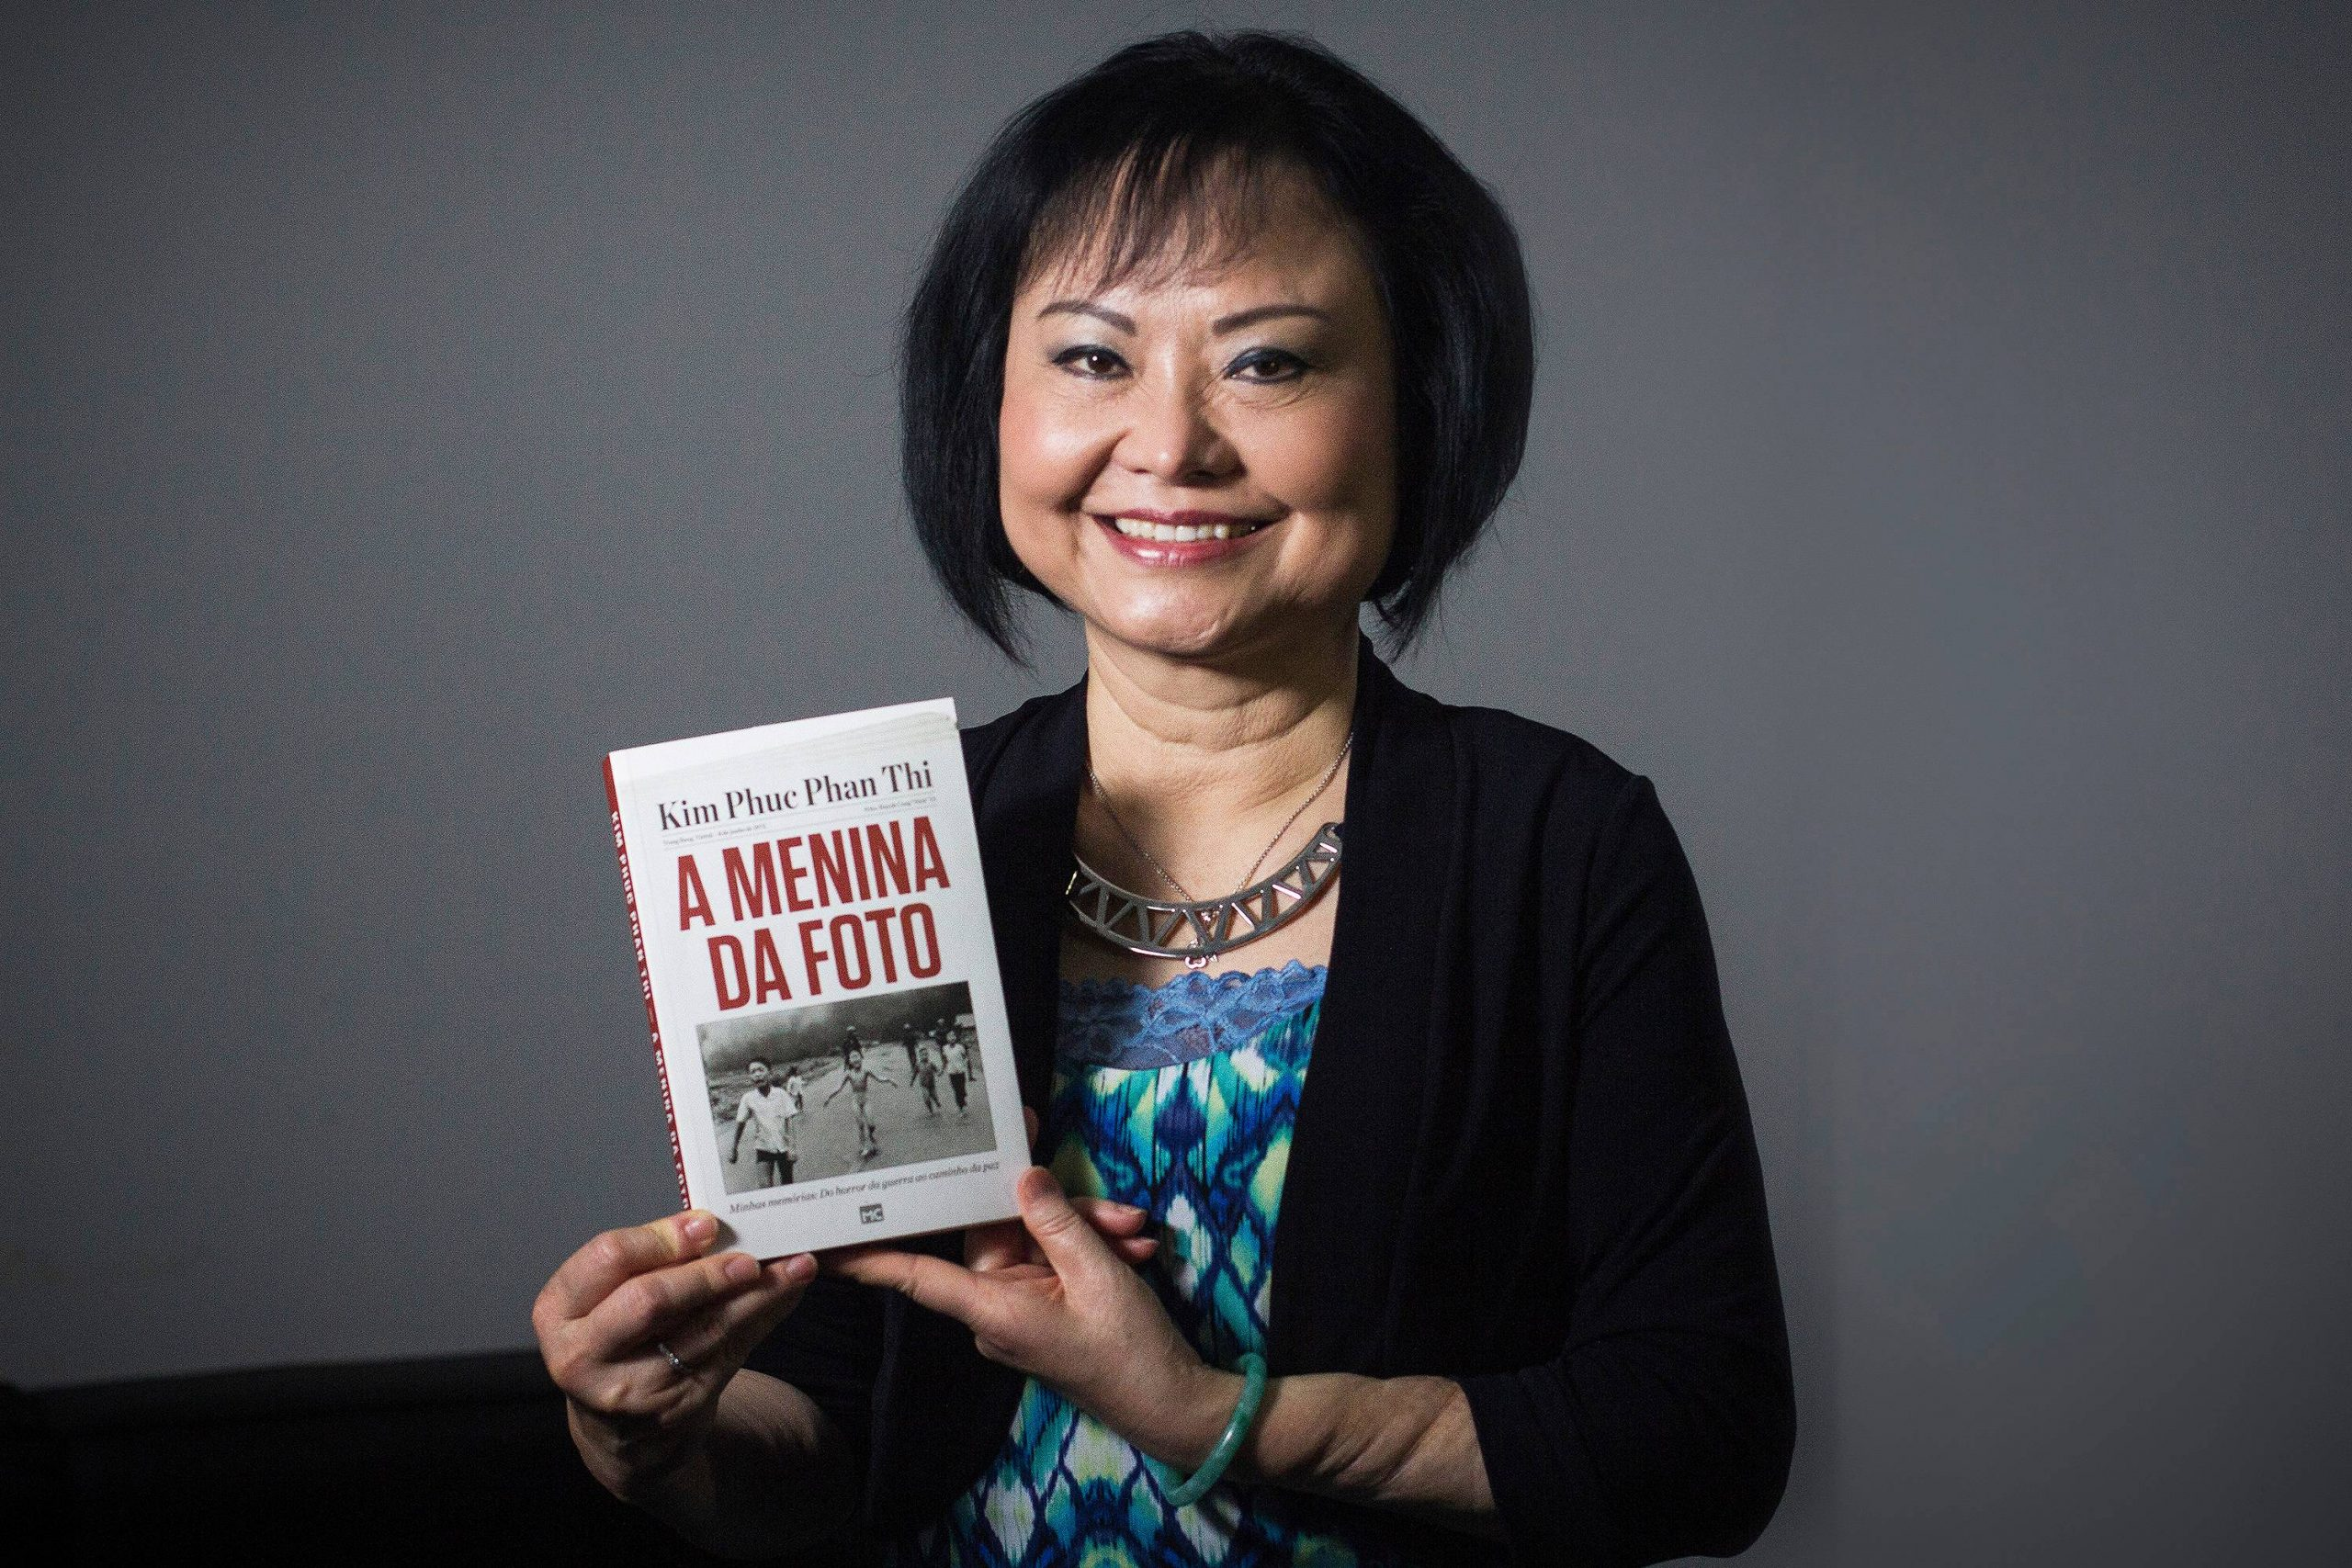 Editora seleciona cinco livros escritos por cristãs para presentear no Dia Internacional da Mulher